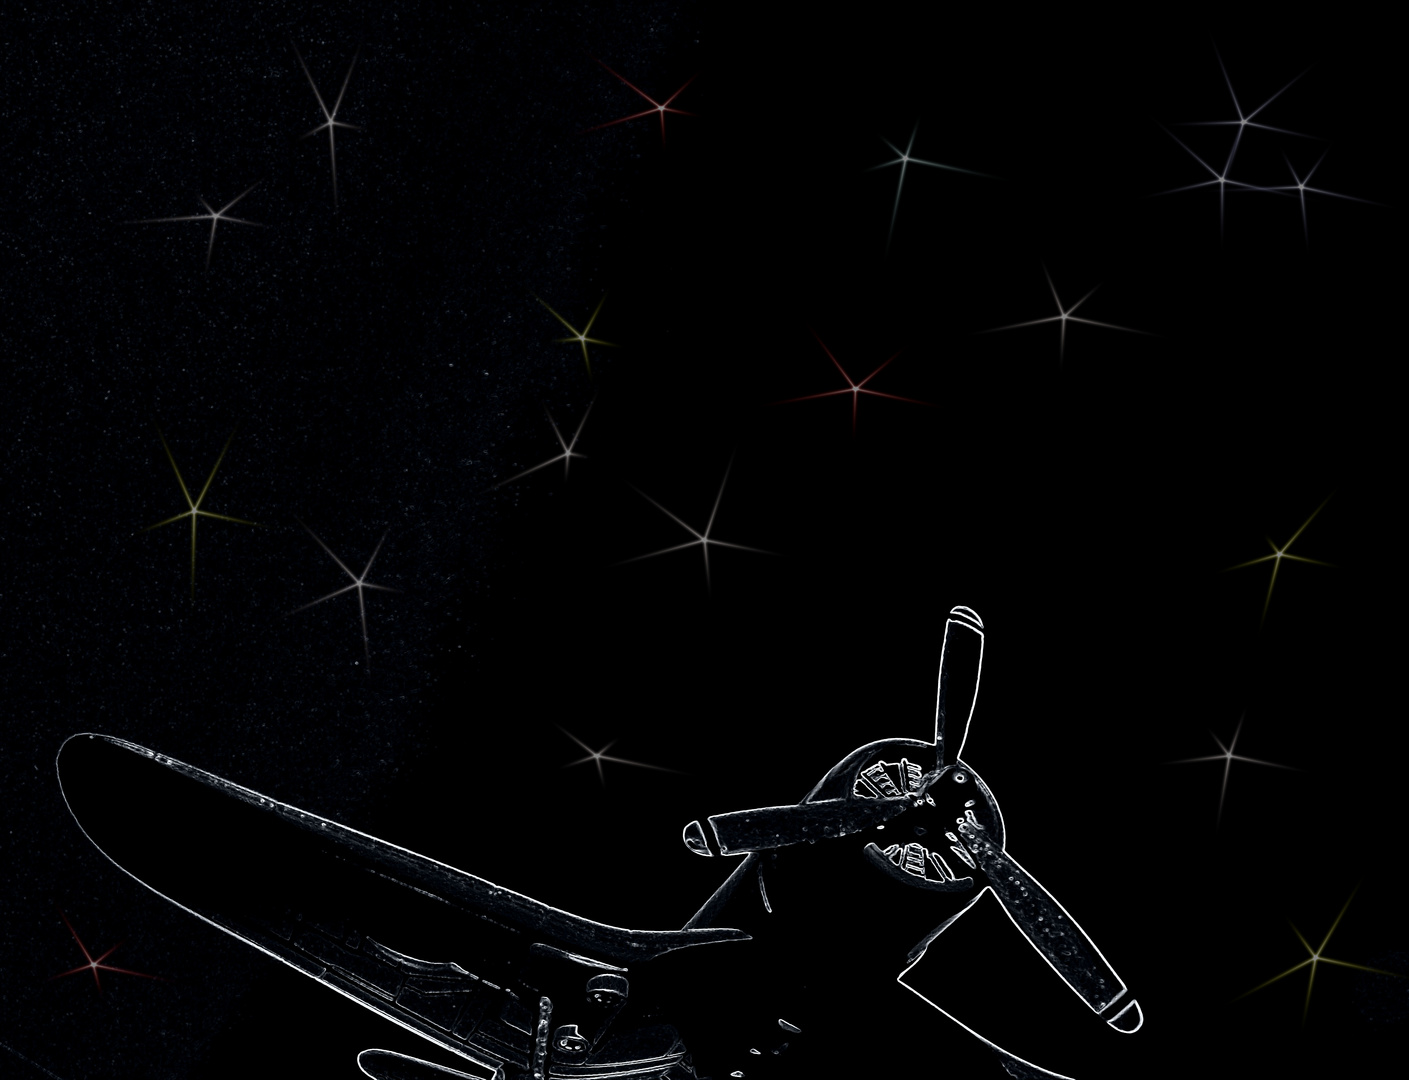 Ich würd so gern mal zu den Sternen fliegen...